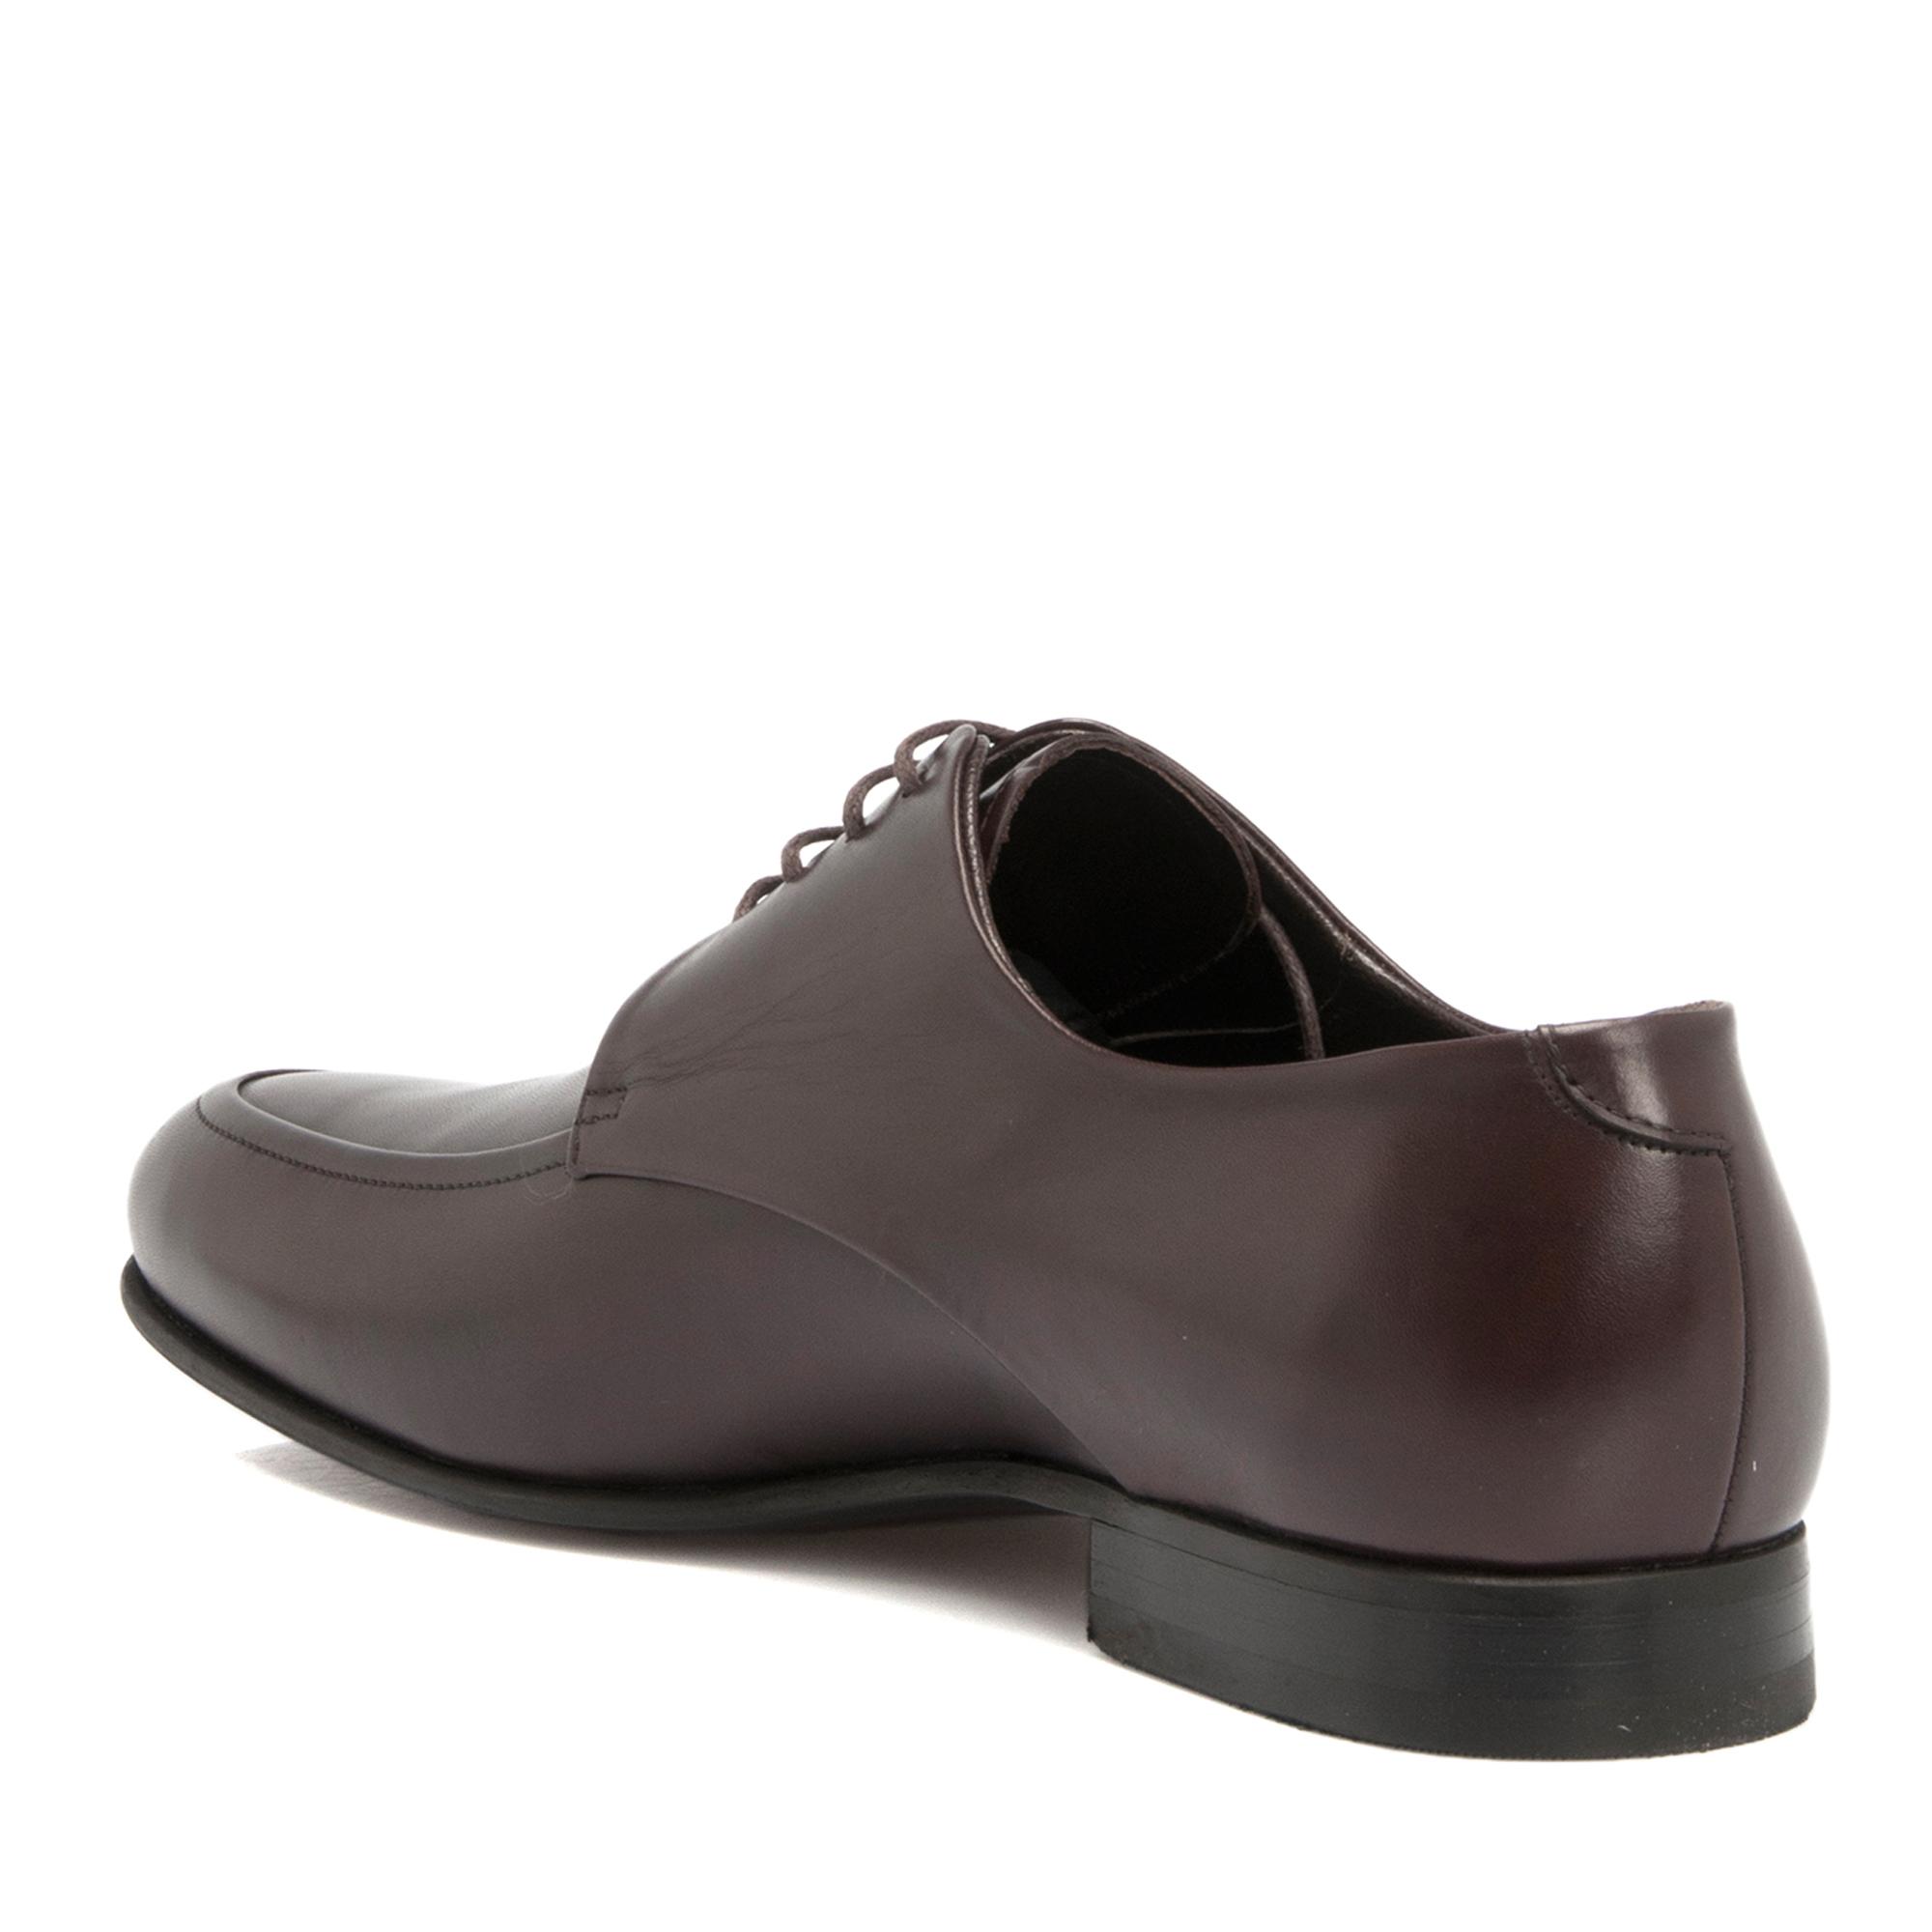 Kahve Deri Erkek Ayakkabı 53528D06